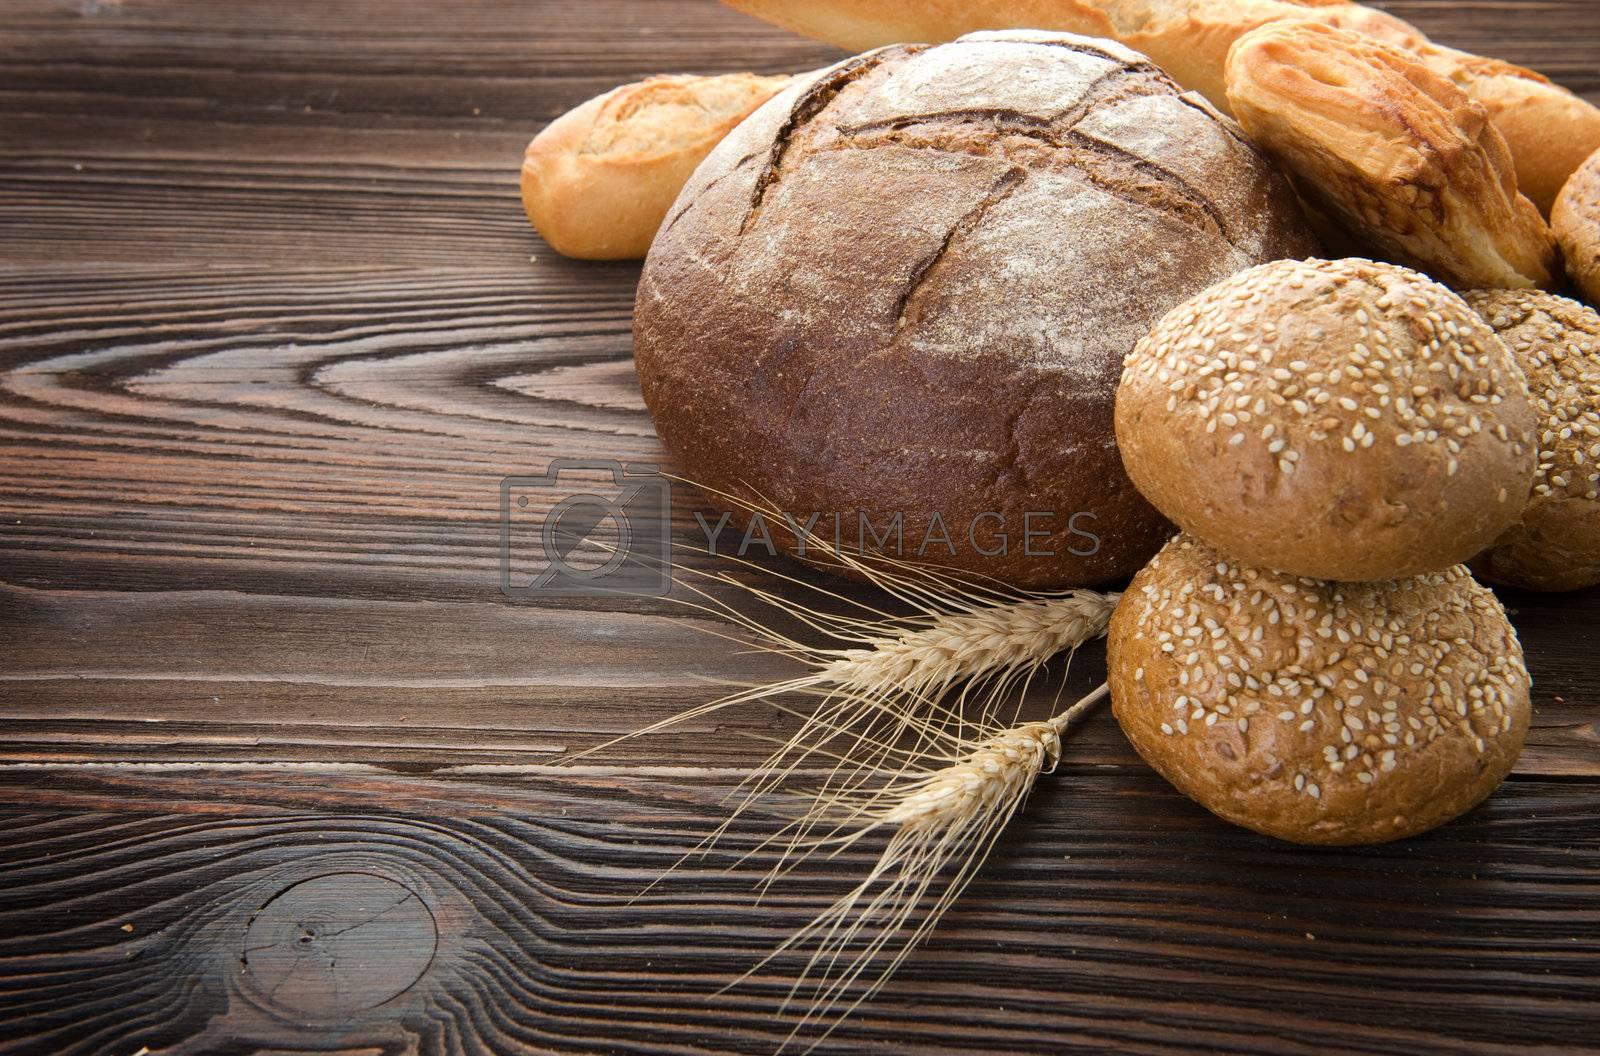 Baked Bread Border by Subbotina Anna